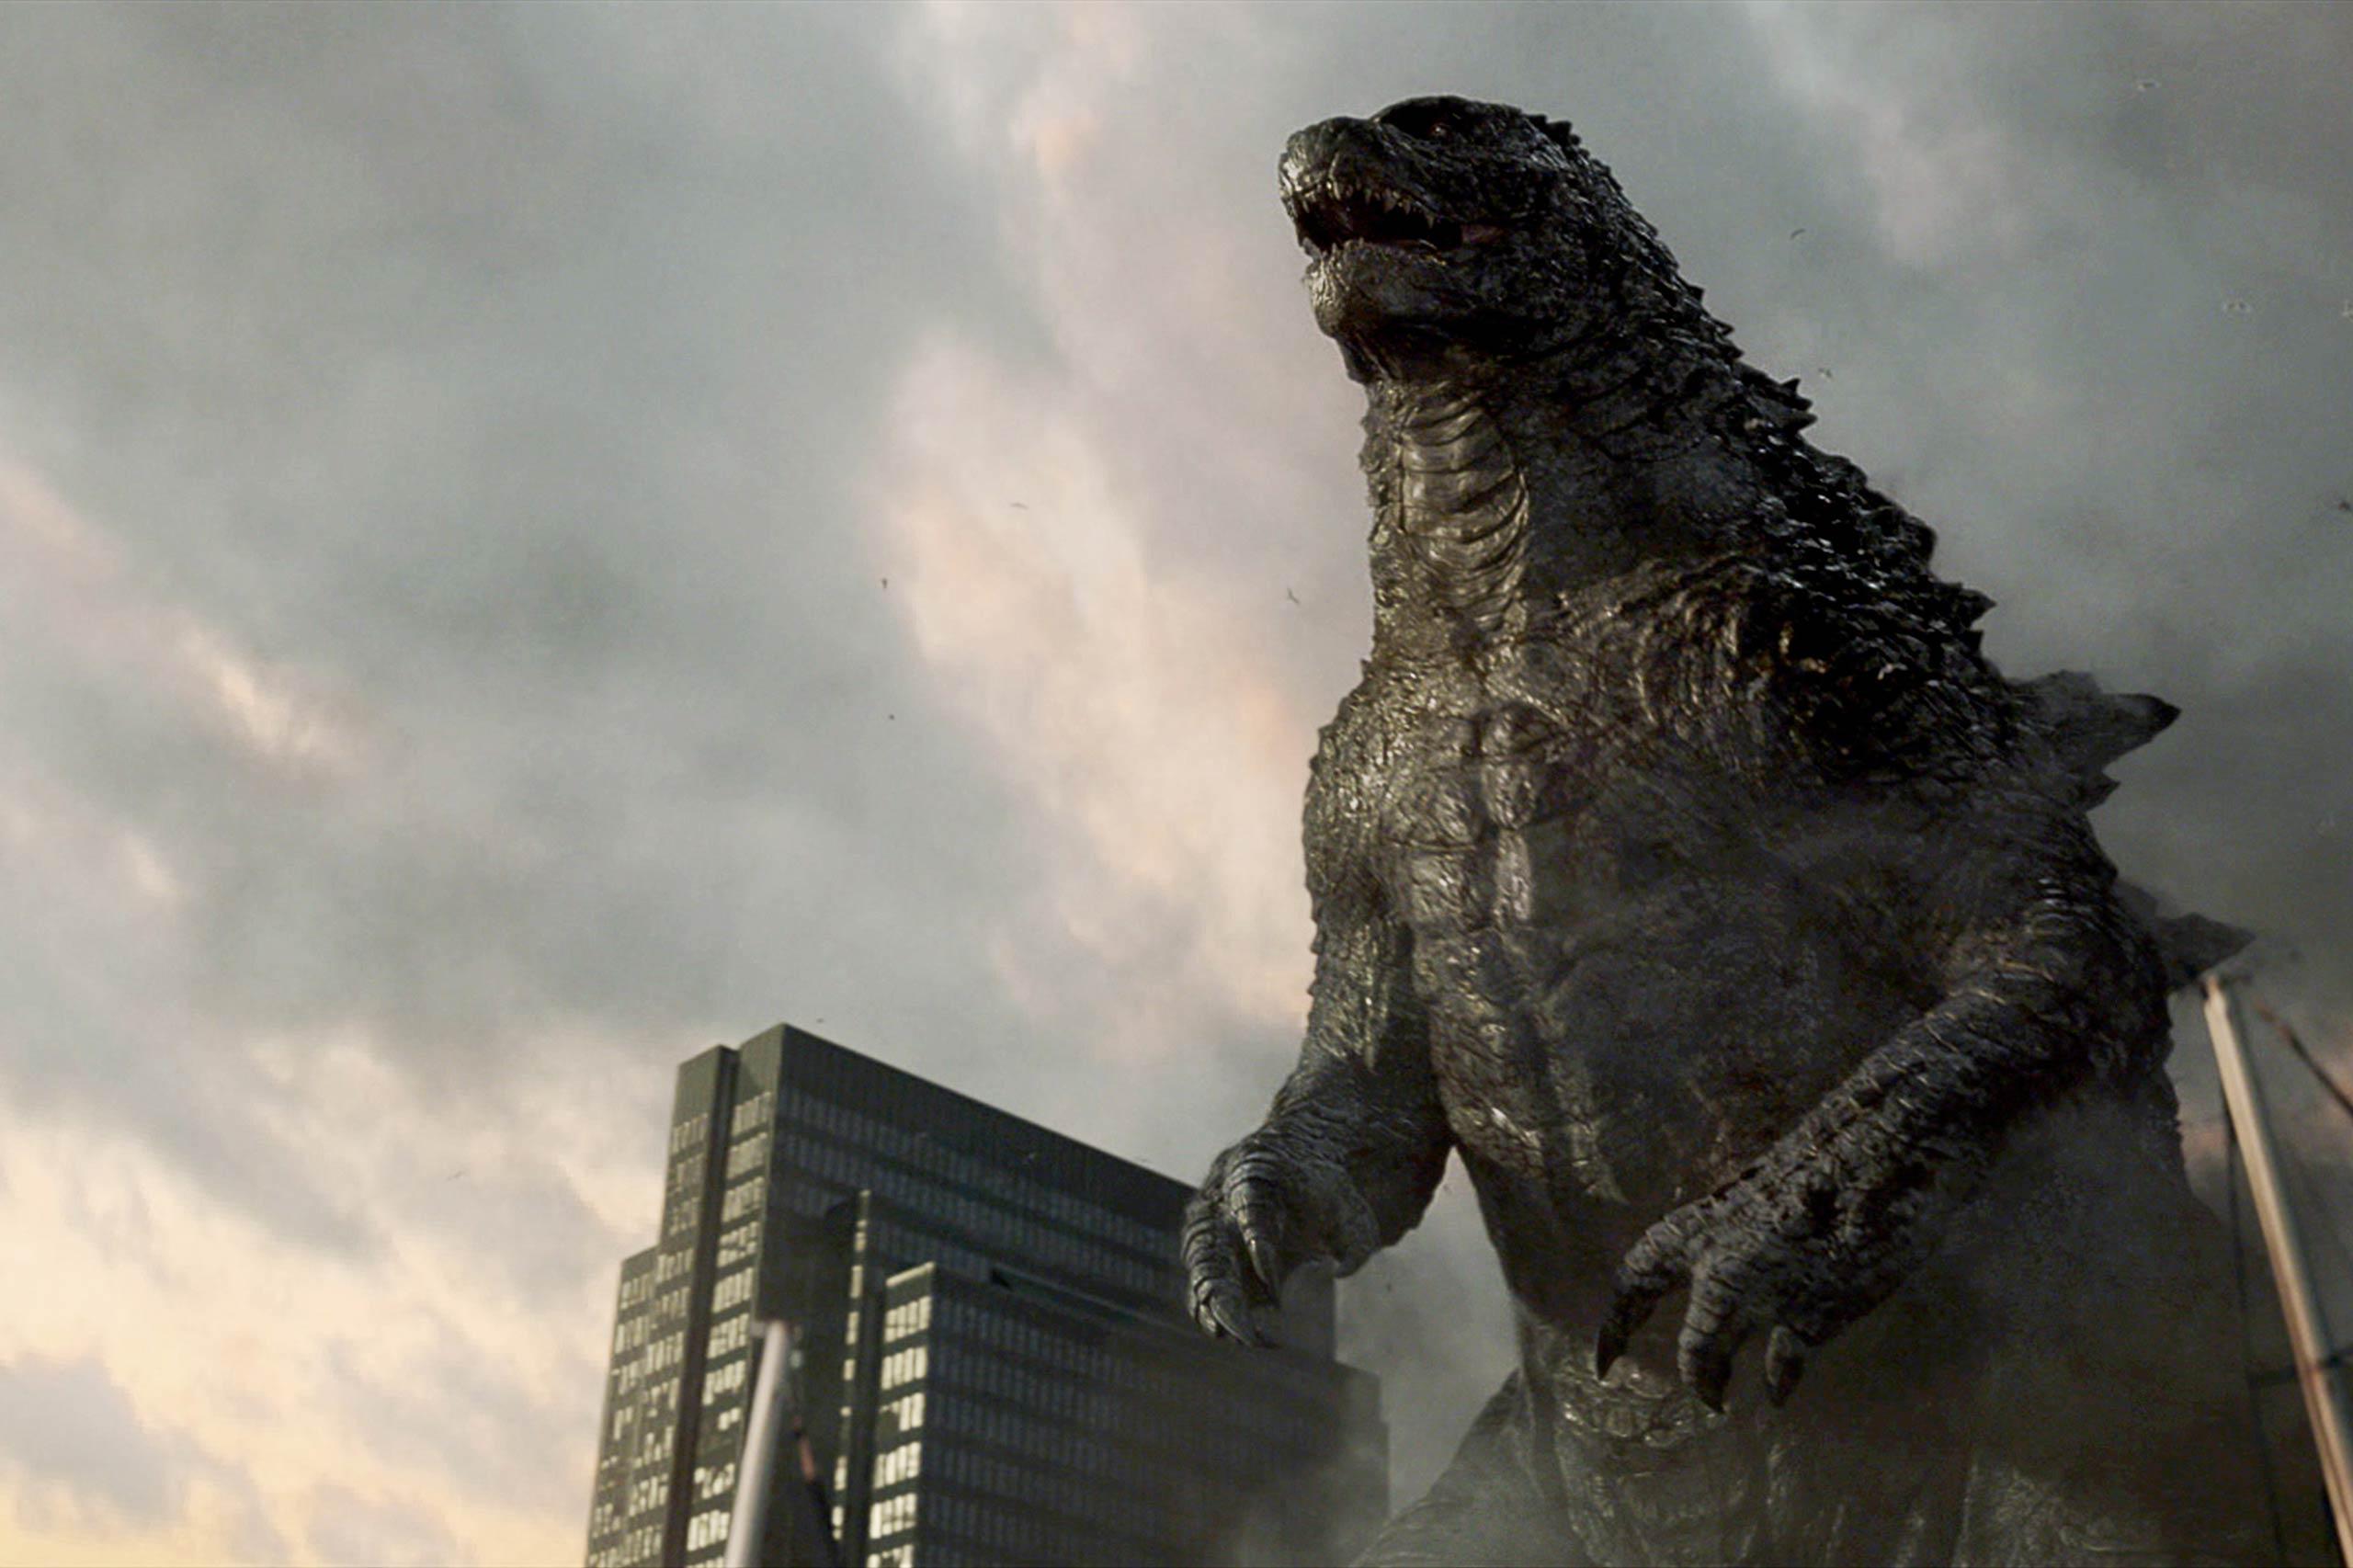 11. Godzilla - $200,676,069